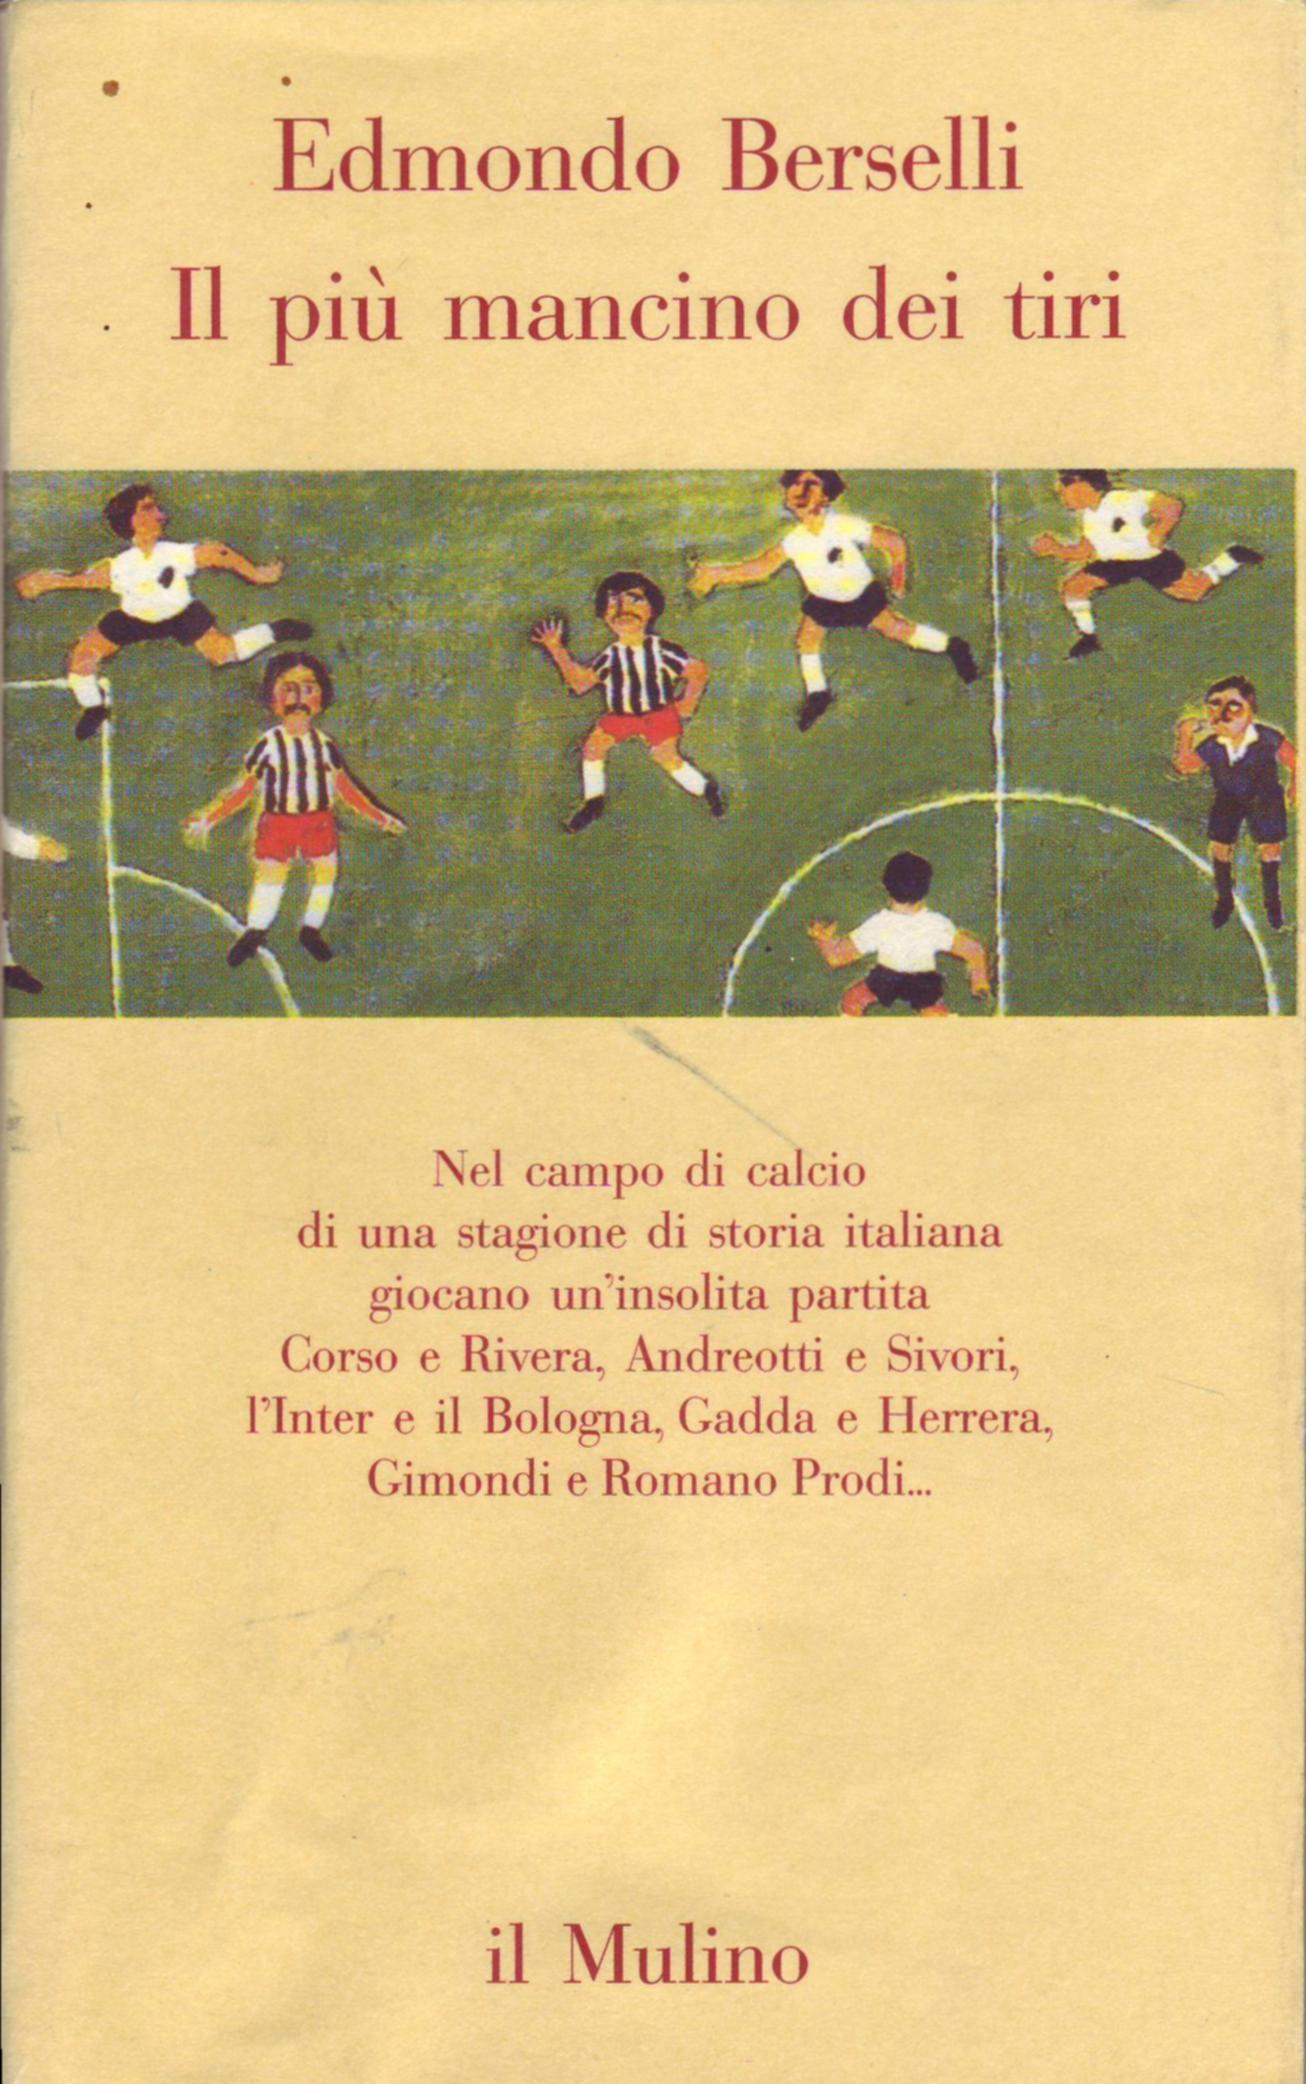 Un libro di Edmondo Berselli per spiegare la serie A | Numerosette Magazine